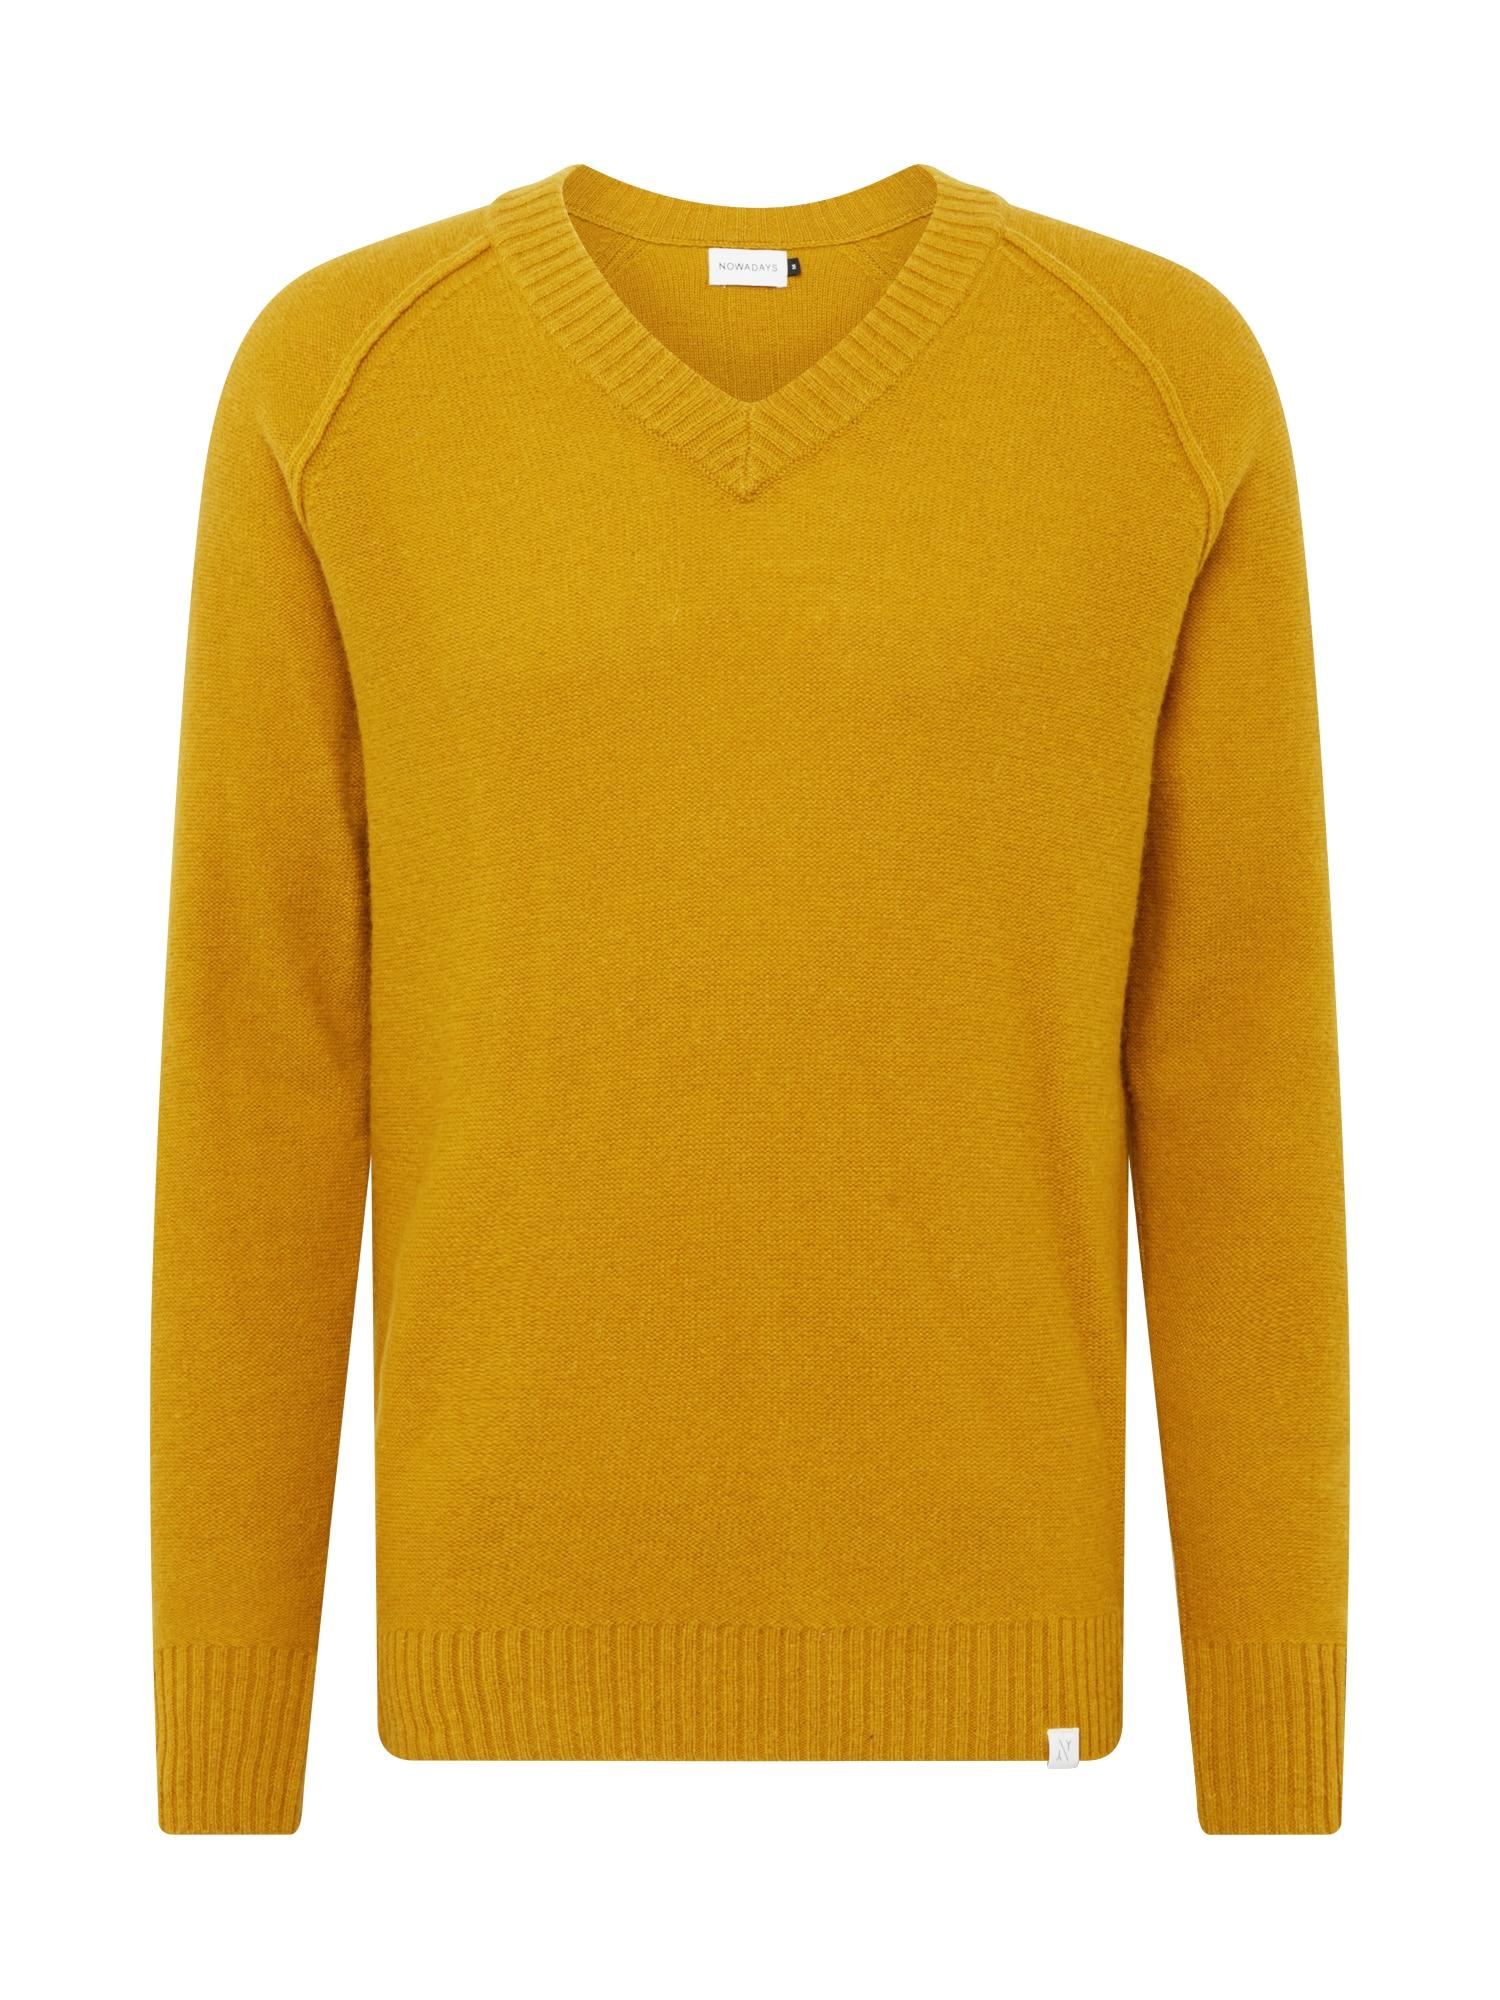 NOWADAYS Megztinis garstyčių spalva